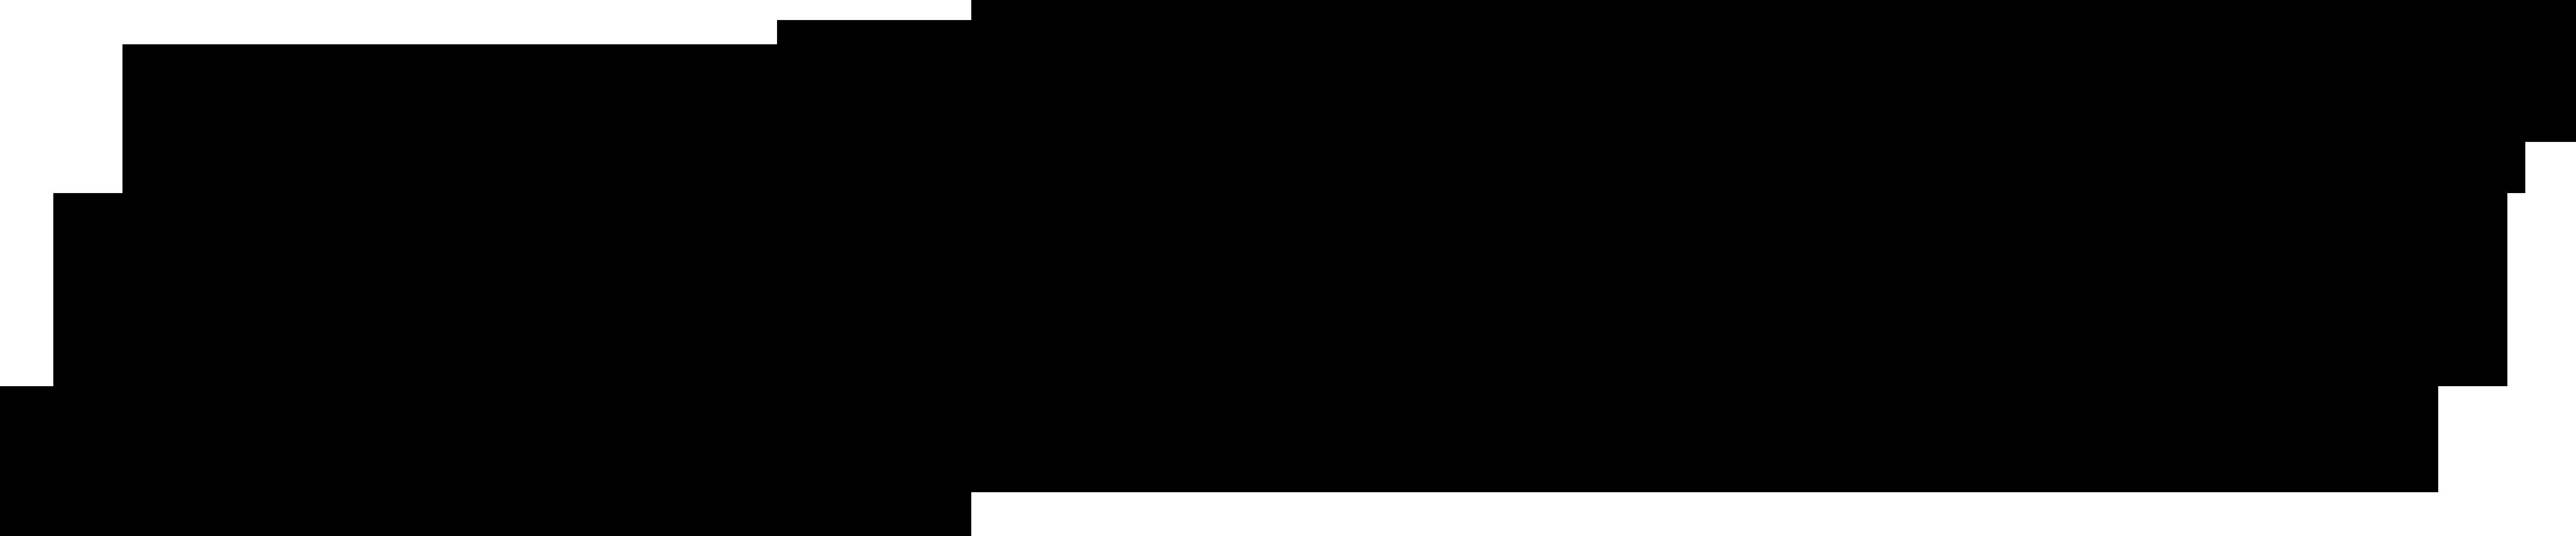 neovisual_logo